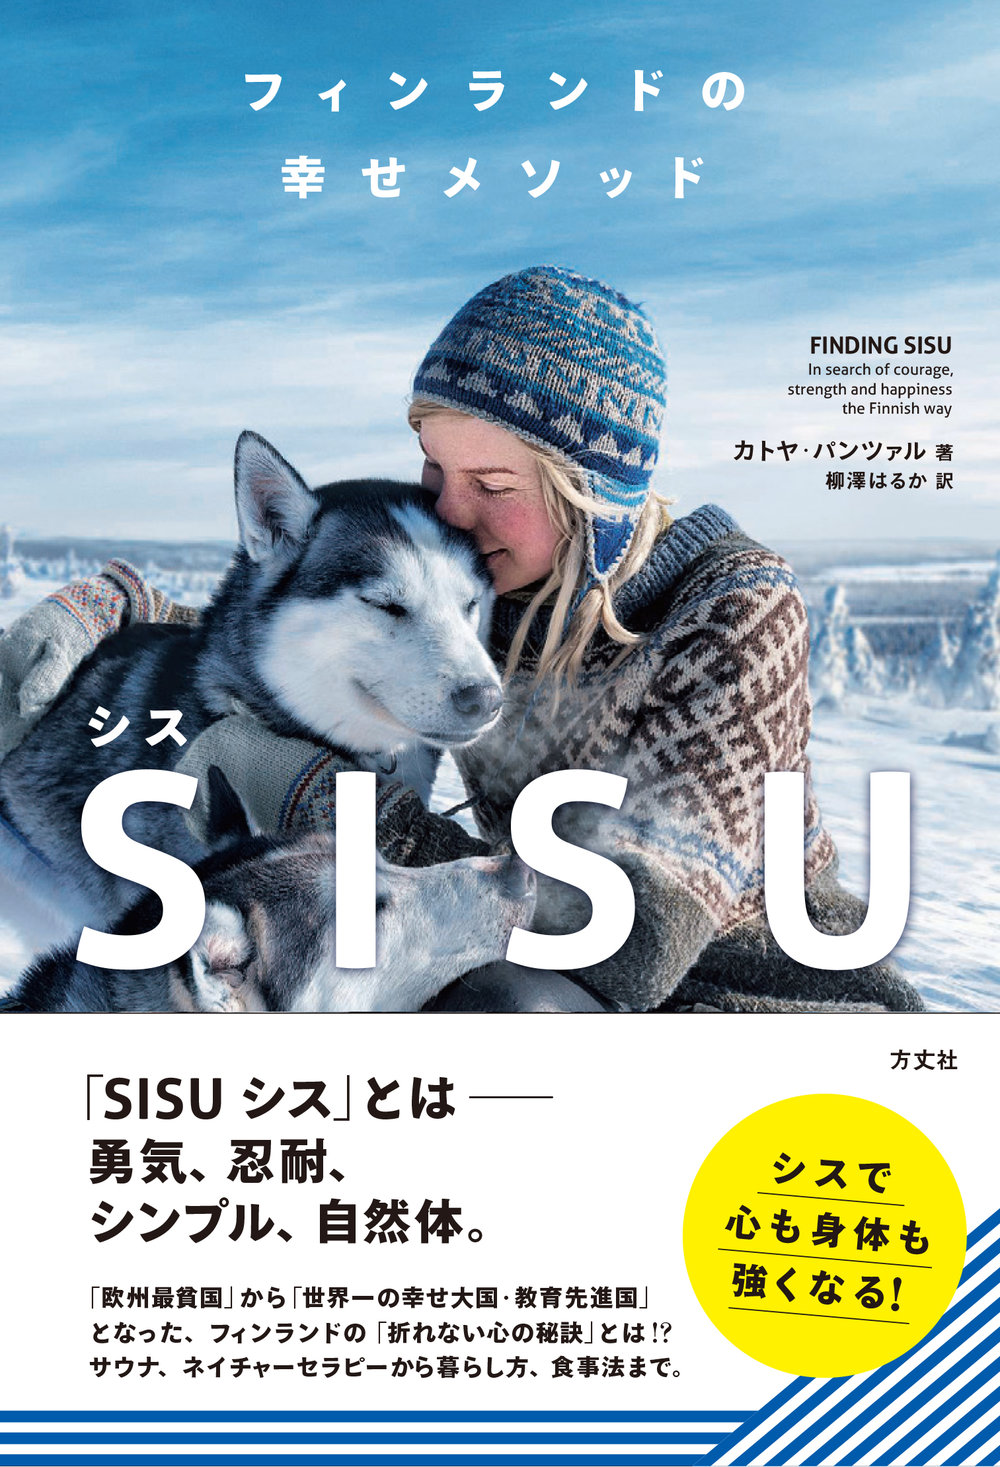 SISU.main.jpg